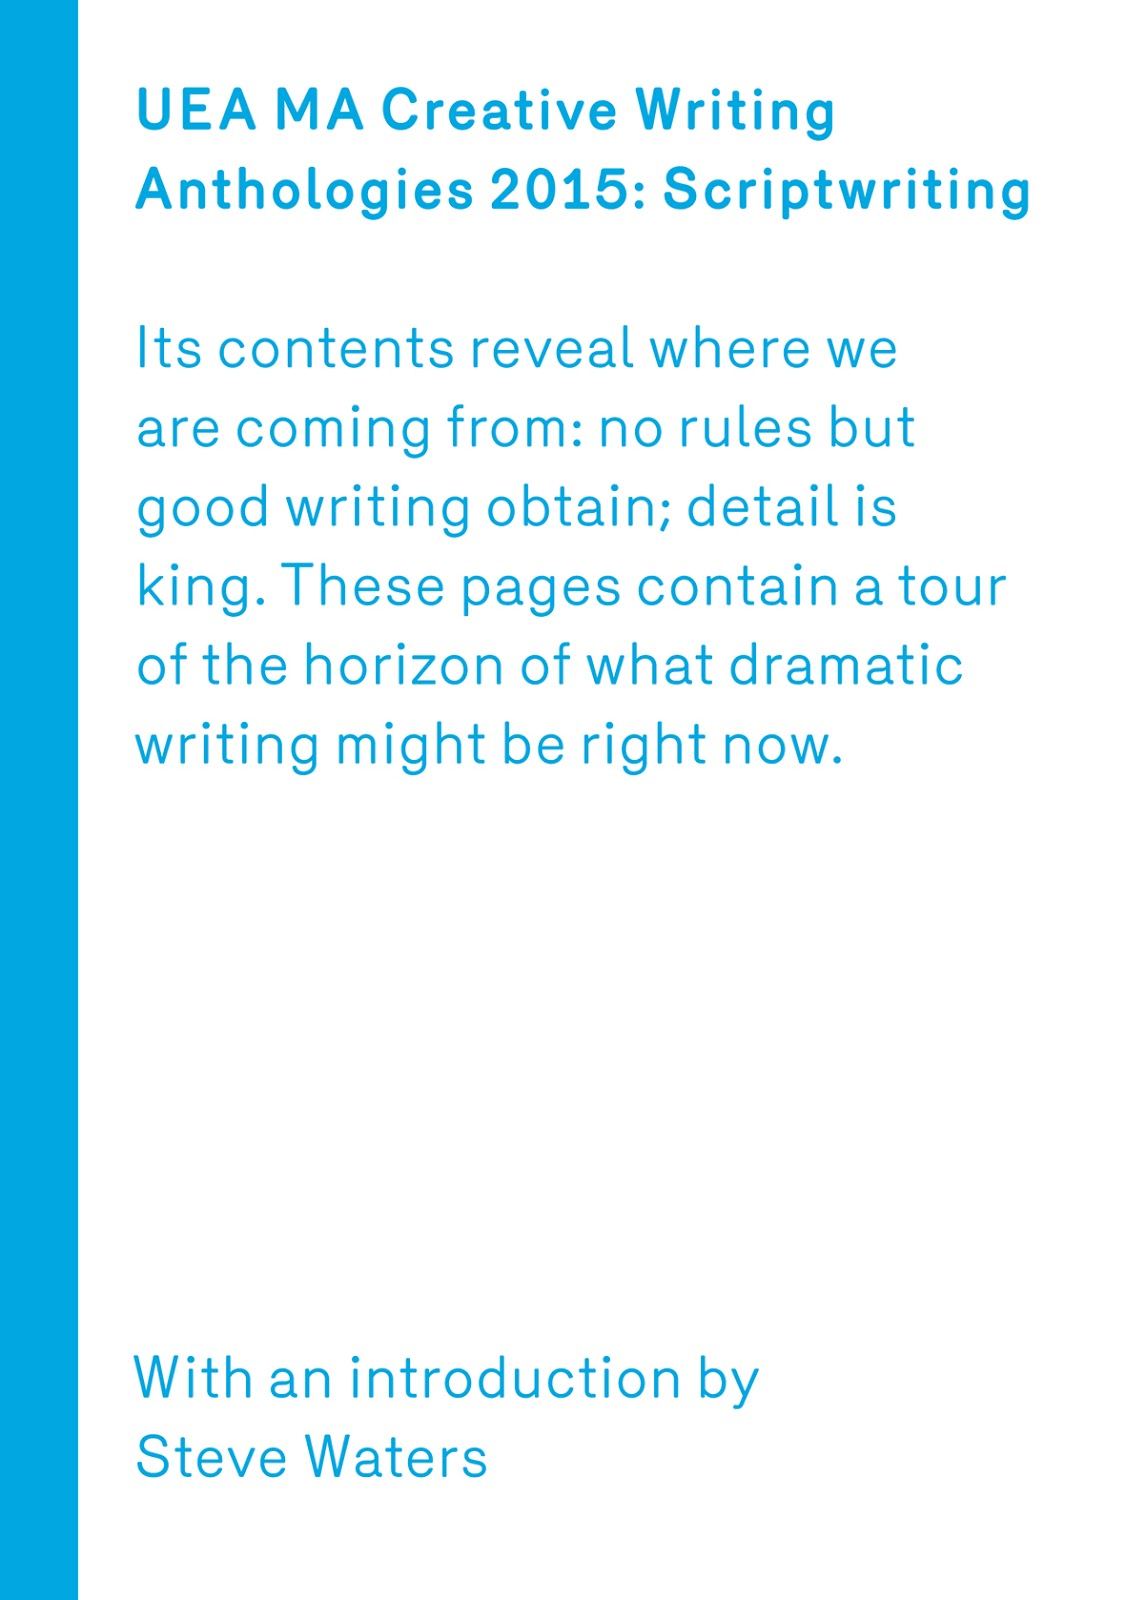 UEA Creative Writing Anthology Scriptwriting 2015